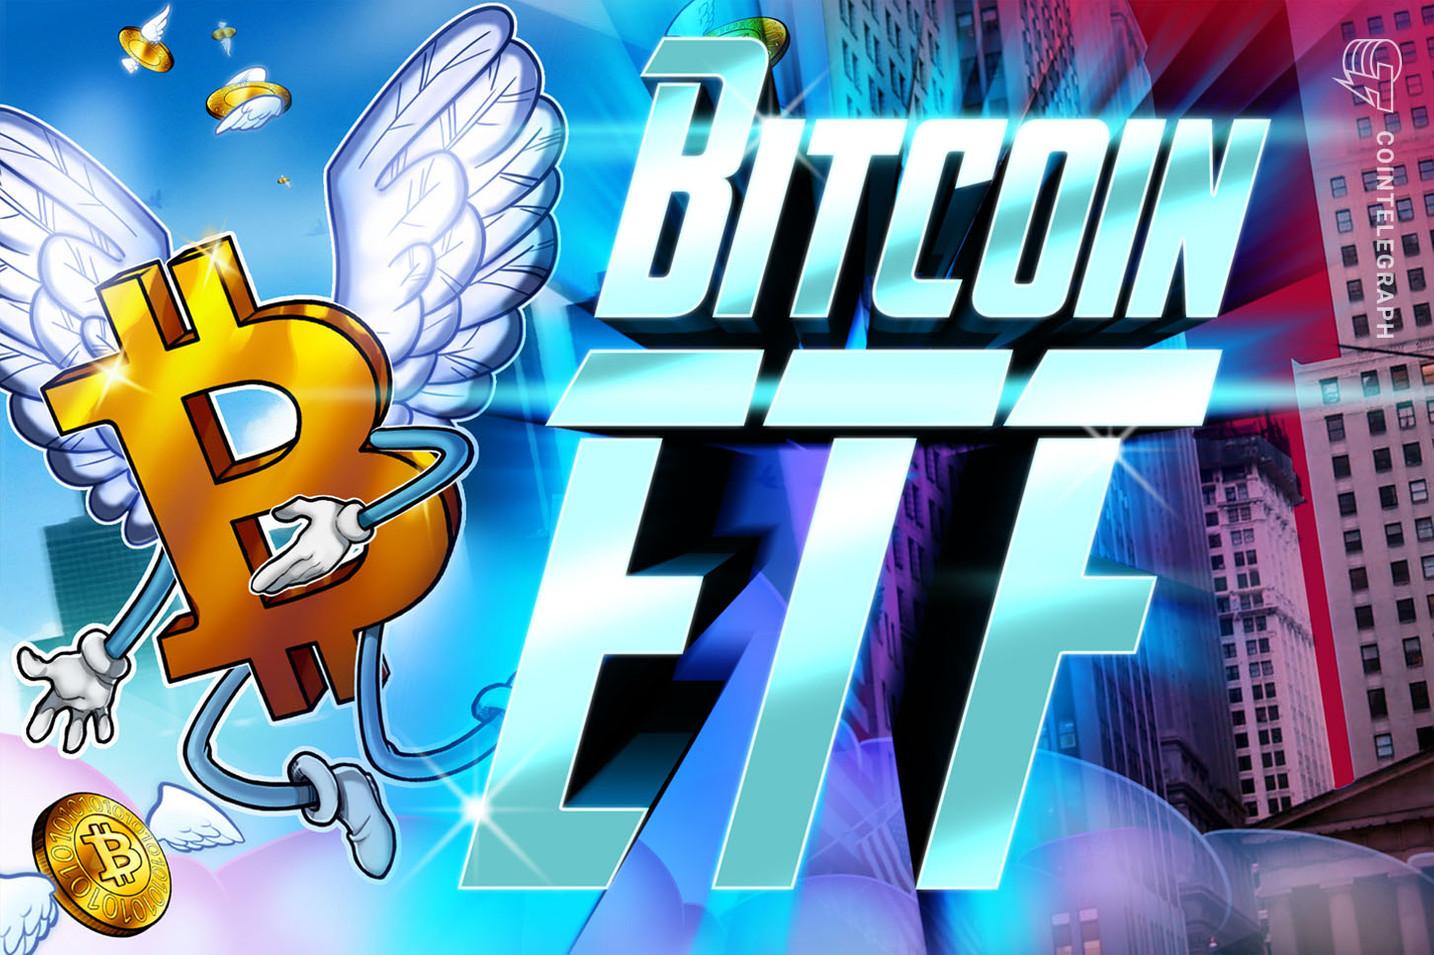 Grayscale '100% comprometido' para convertir GBTC en Bitcoin ETF - CEO